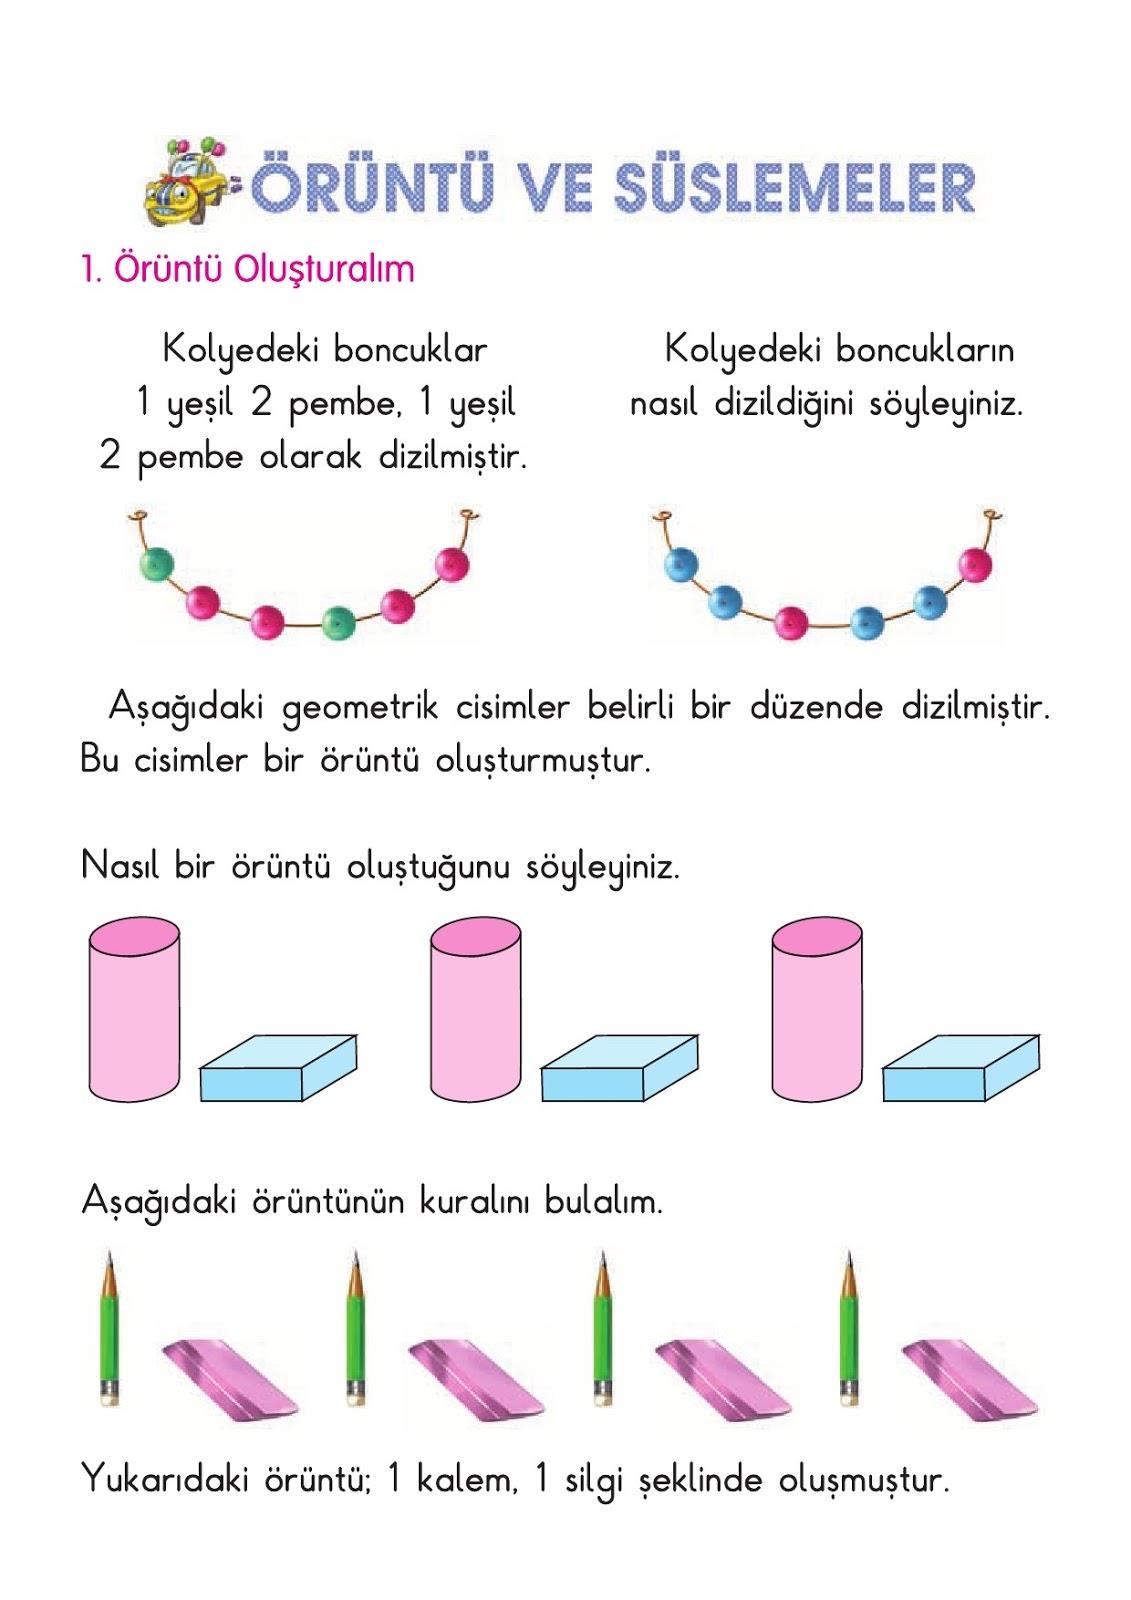 1 Sinif Matematik Oruntu Olusturalim Calisma Kagidi Ders Kitabi